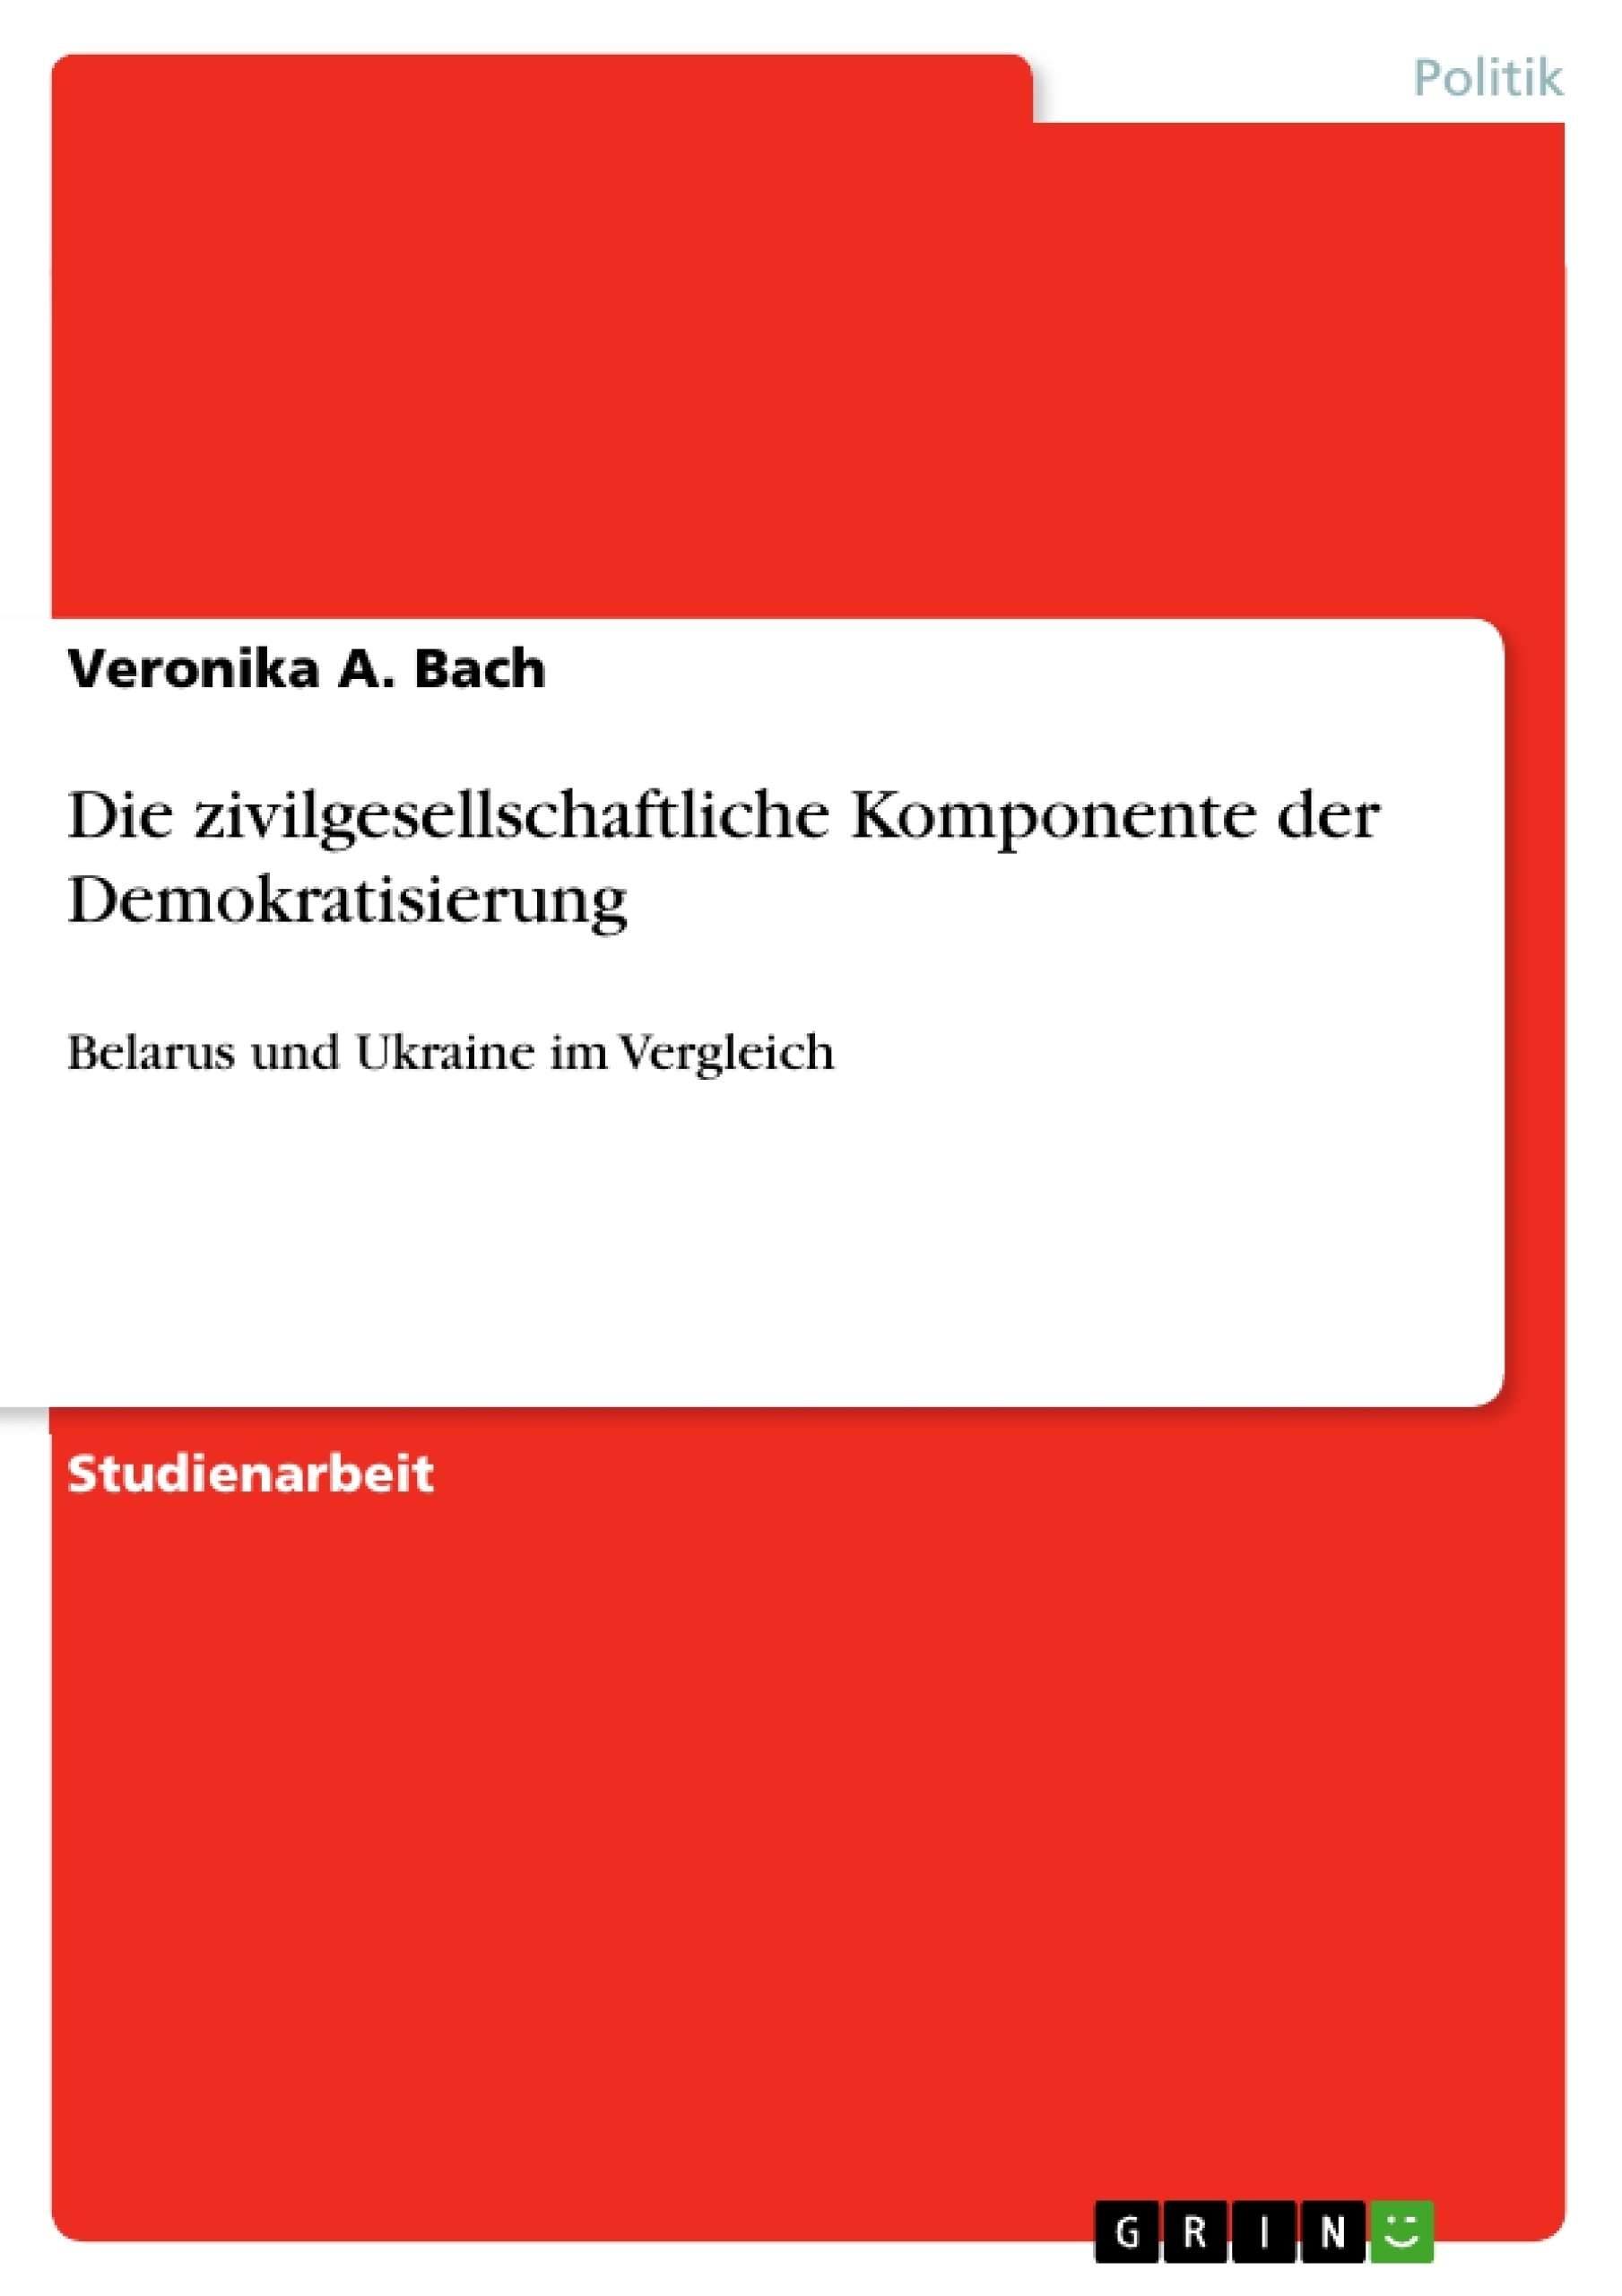 Titel: Die zivilgesellschaftliche Komponente der Demokratisierung